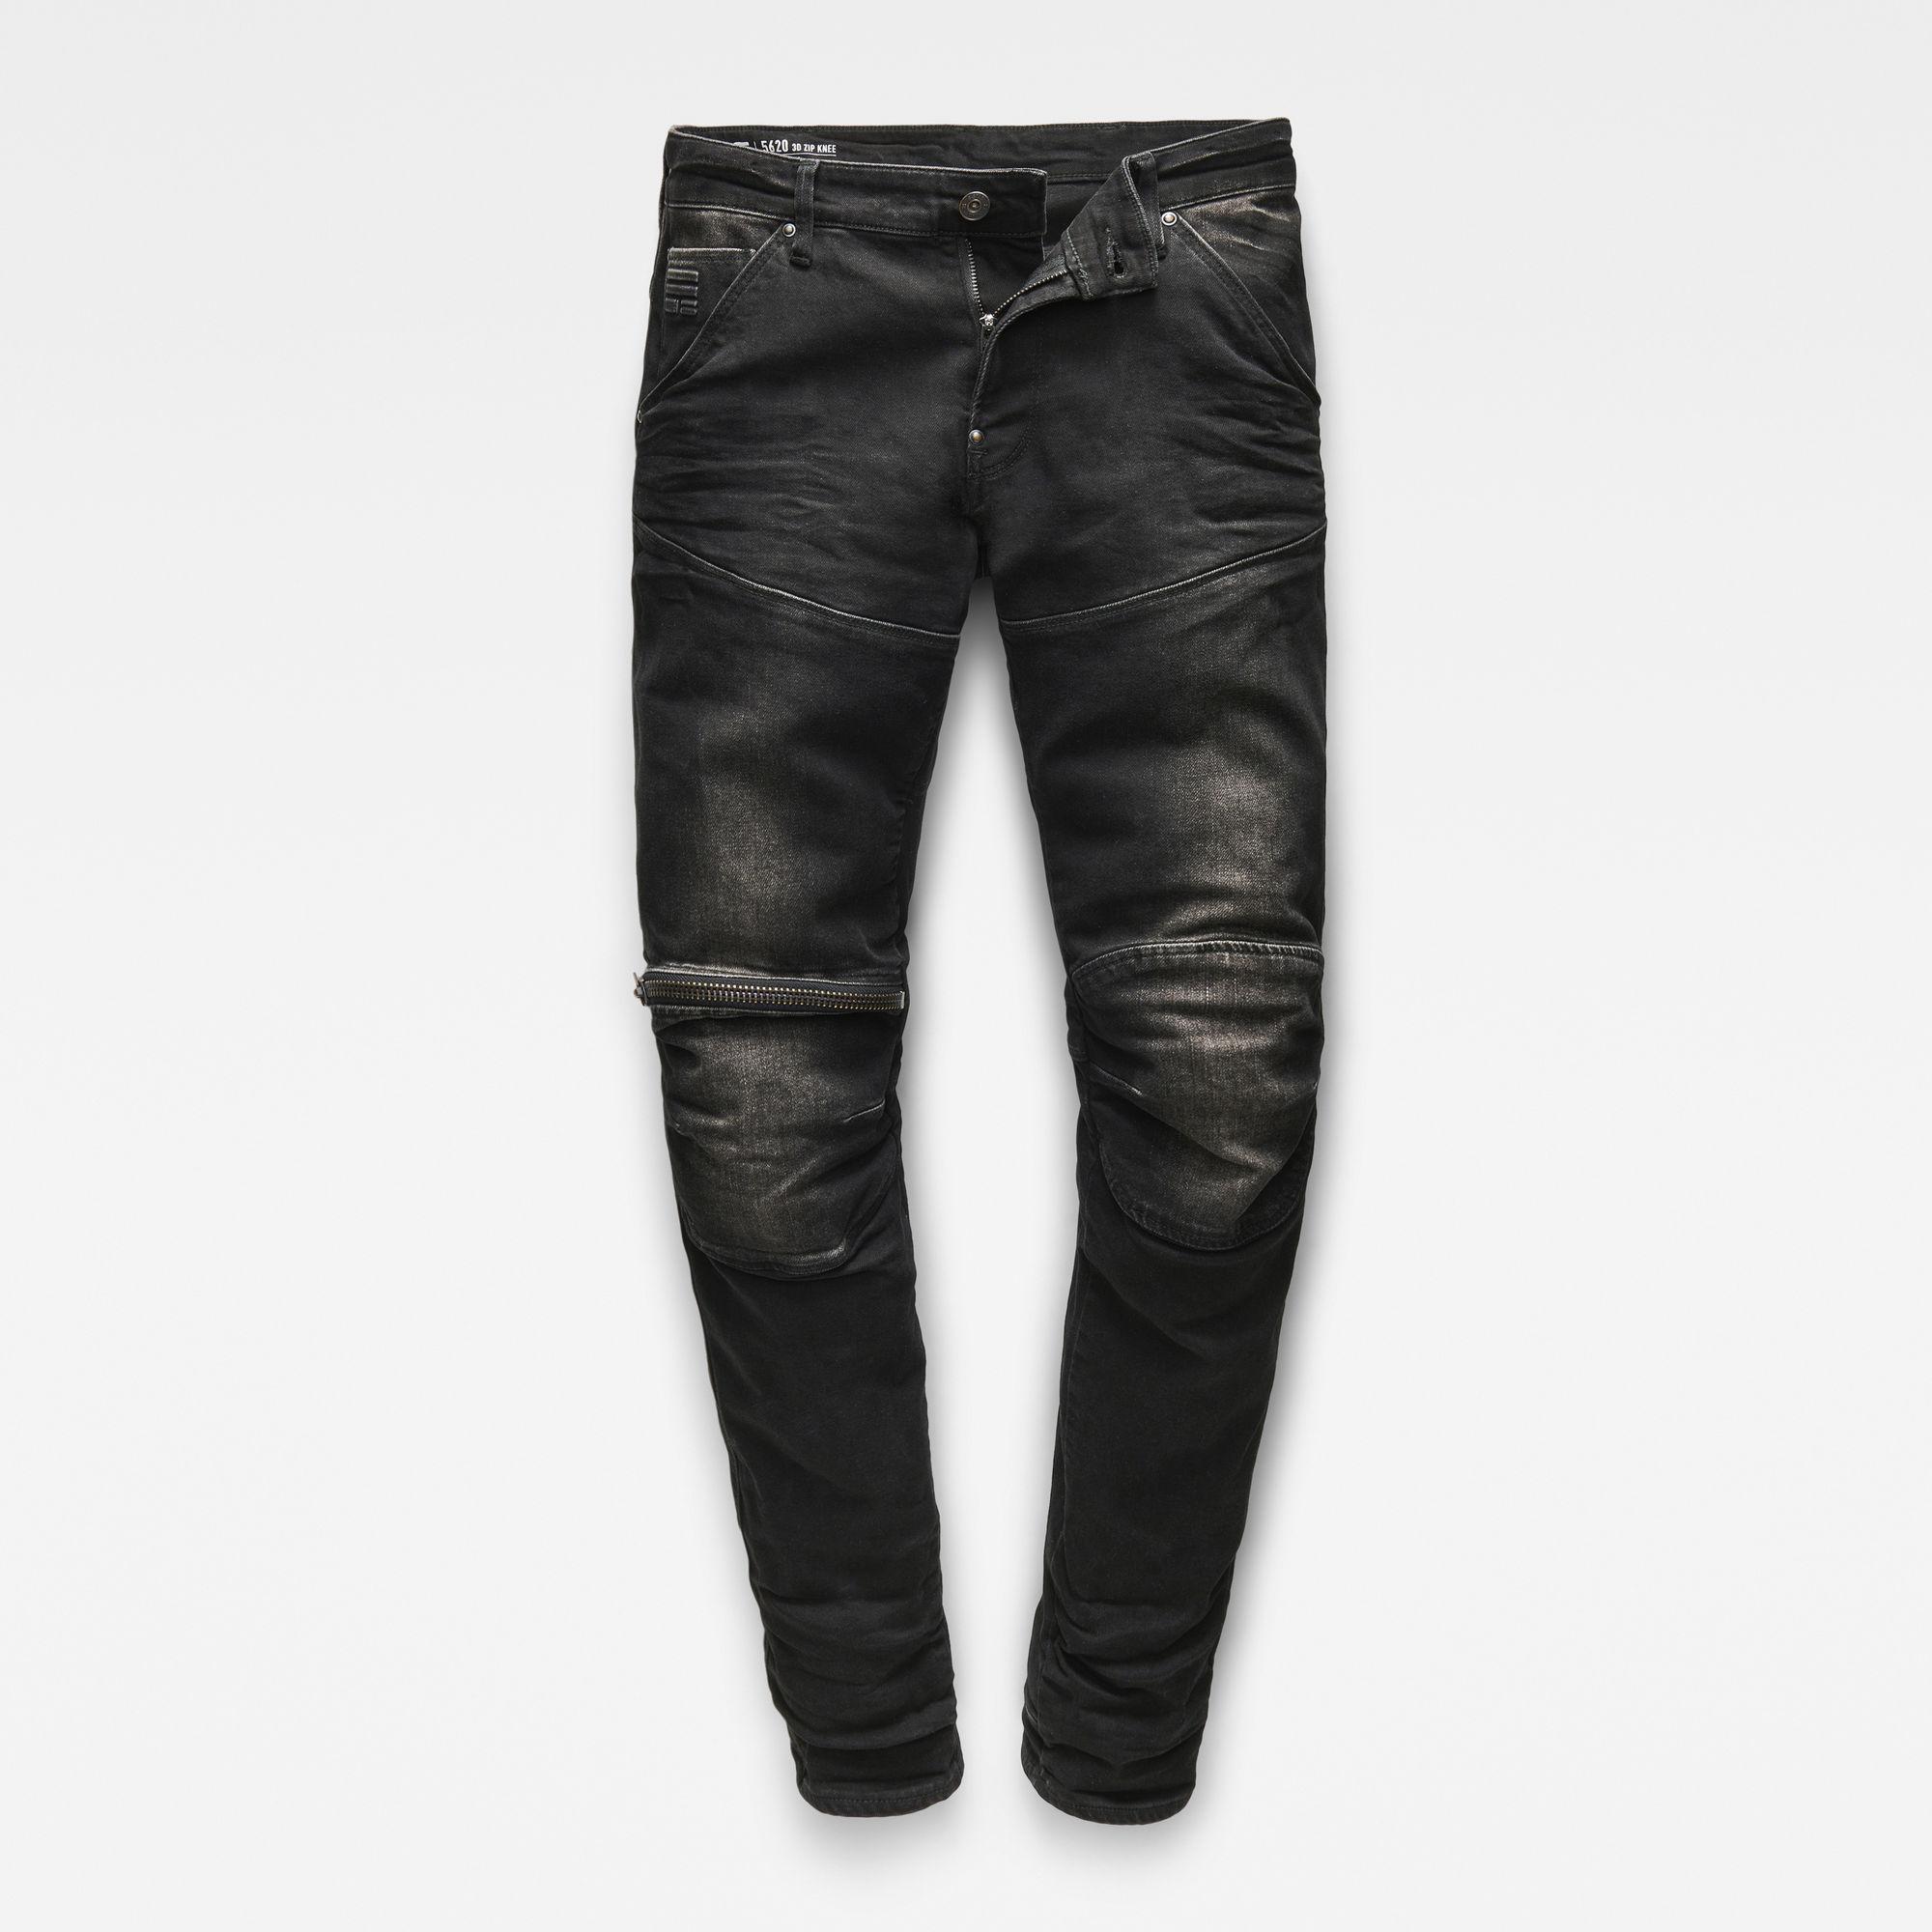 5620 G-Star Elwood 3D Zip Knee Super Slim Jeans